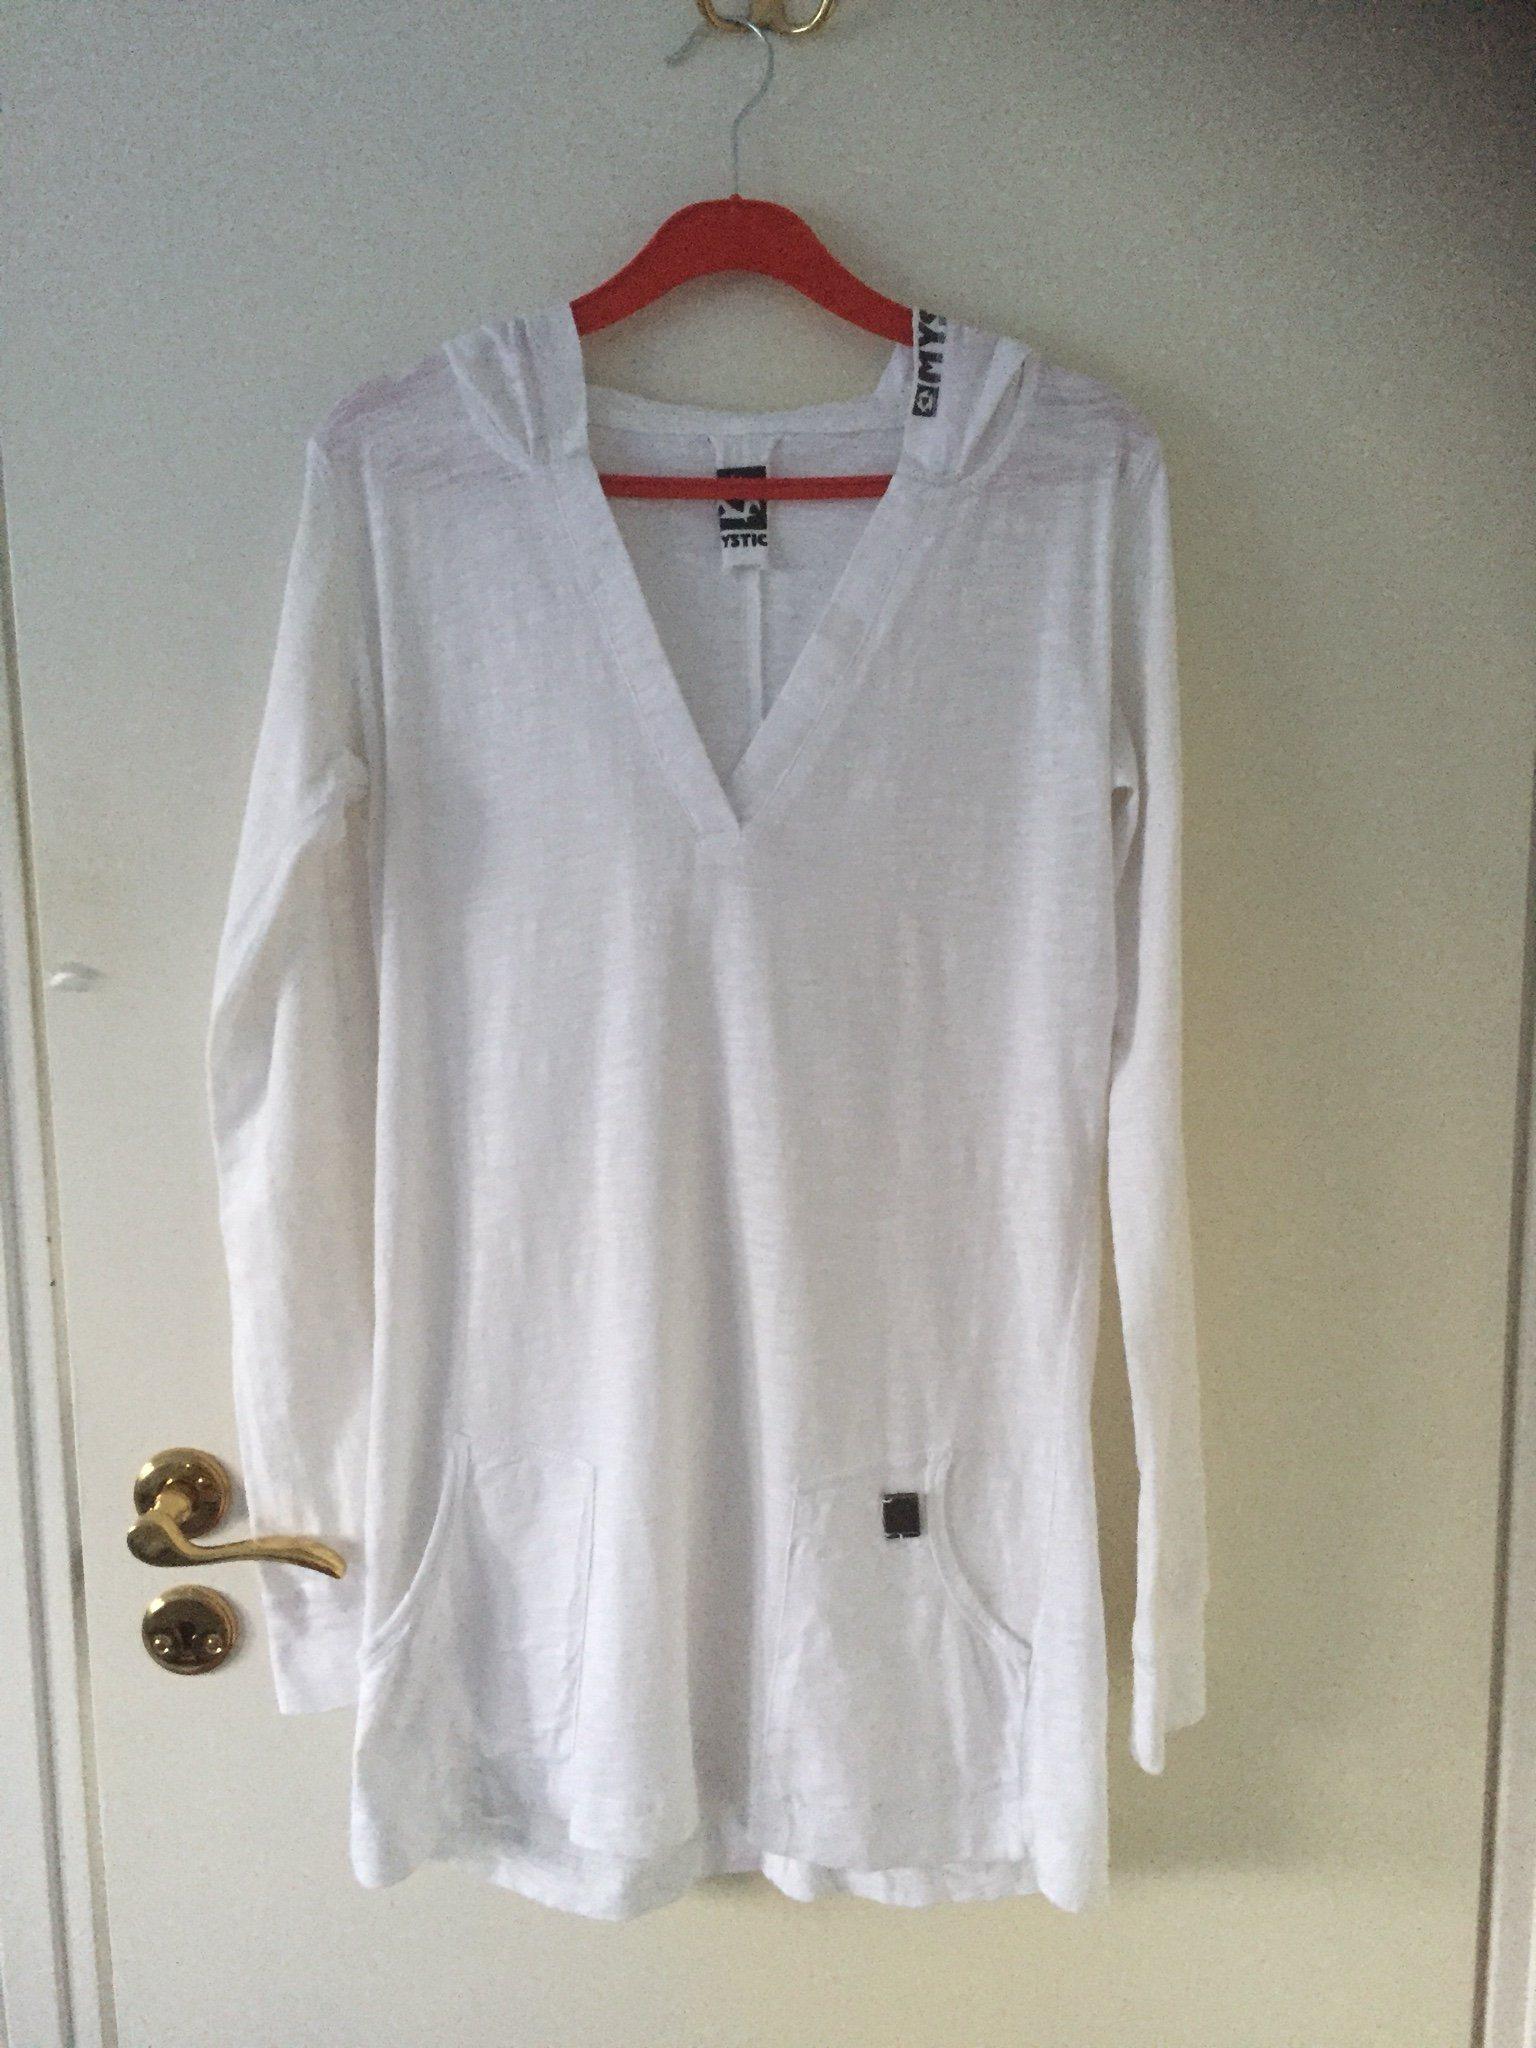 8a2888e30b83 Fin tunn vit tunika tröja med huva från Mystic .. (340469666) ᐈ Köp ...